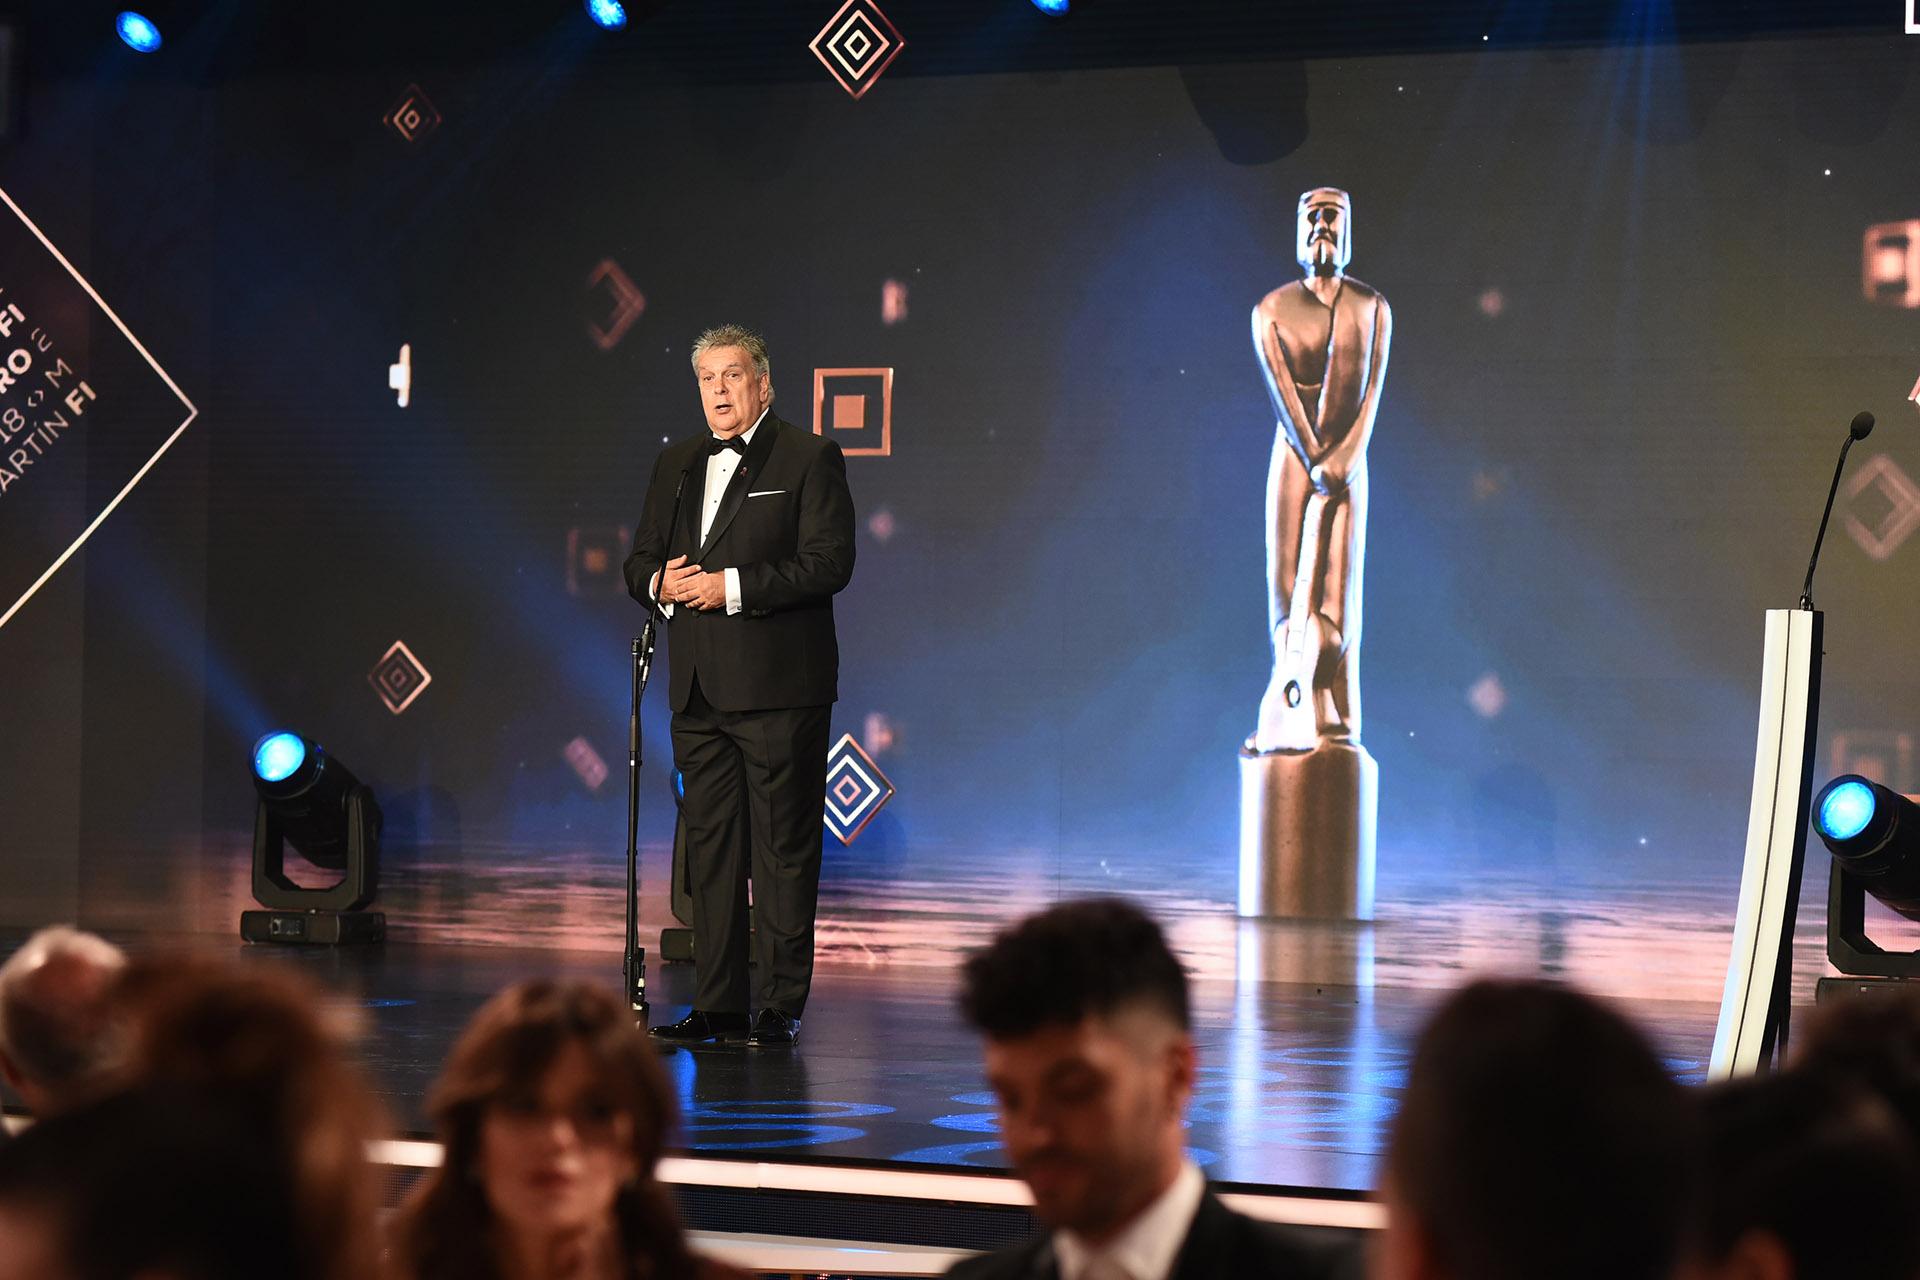 """Mientras Luis ventura presentaba la 48ava ceremonia de los Martín Fierro, Jorge Rial en Twitter anunciaba quién sería el ganador del Oro: """"Un gallo para Esculapio"""""""